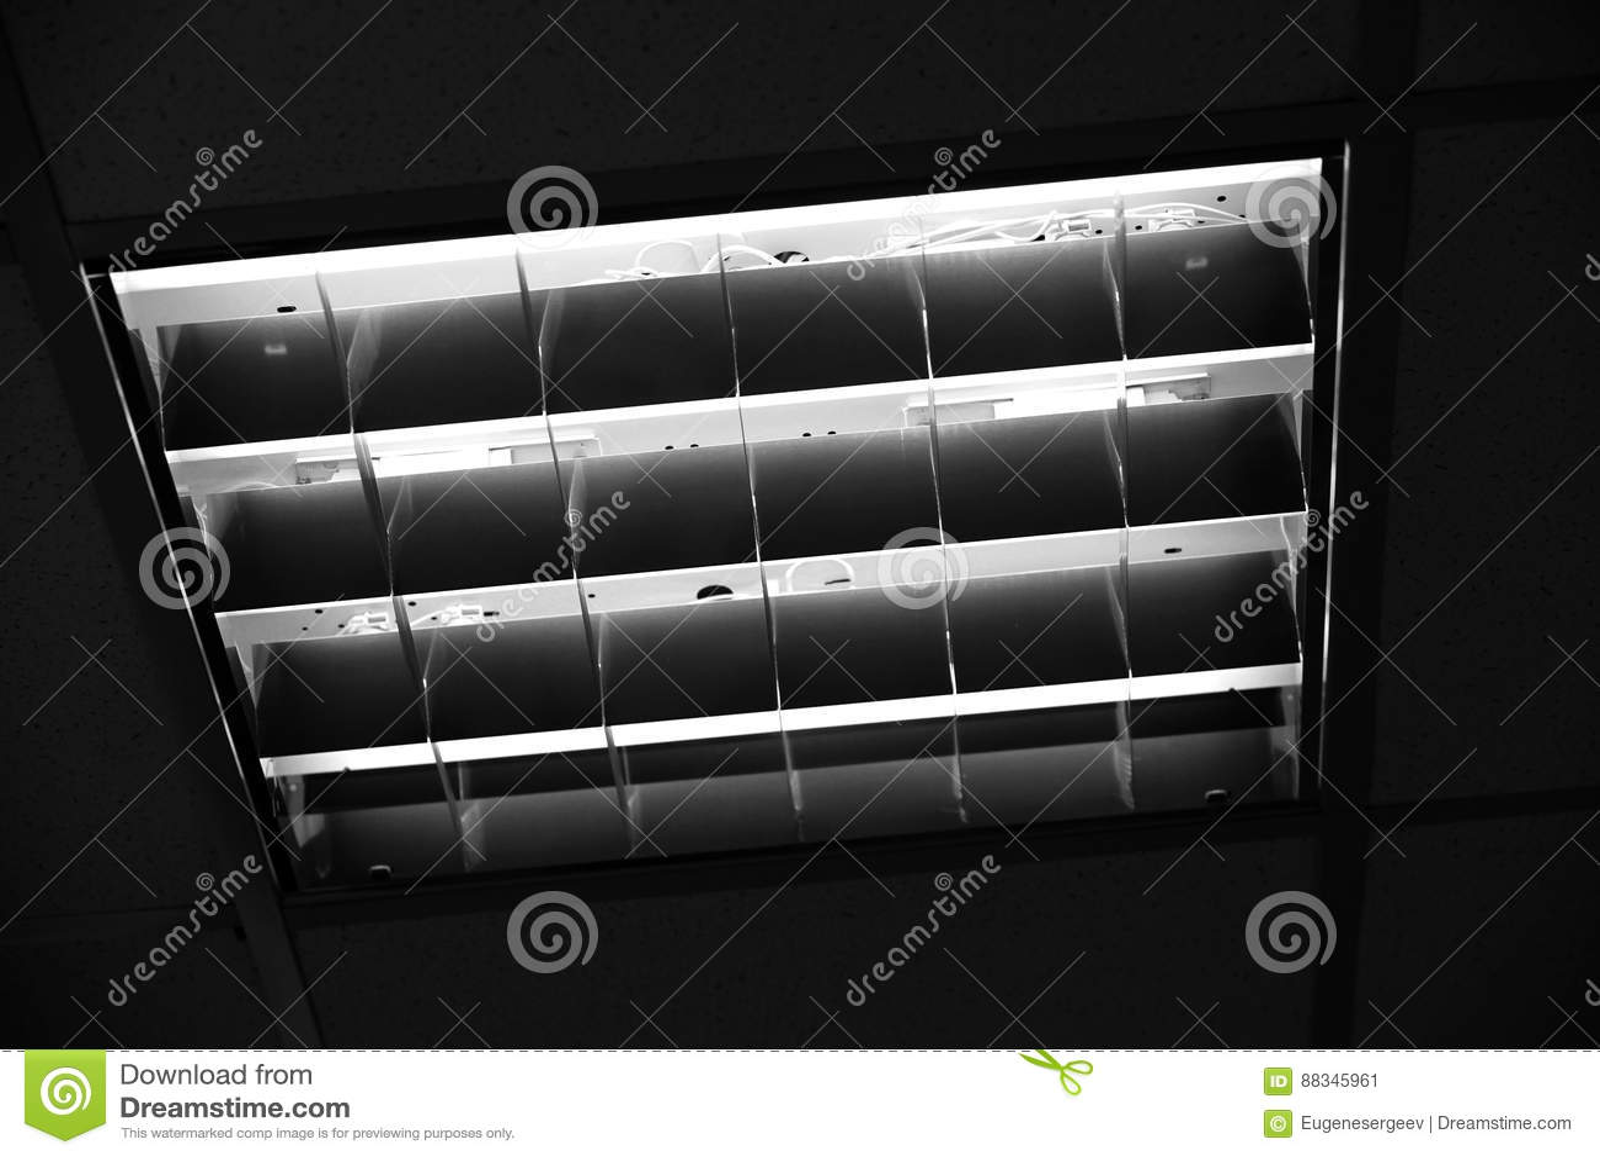 Plafoniere Neon Per Ufficio : Plafoniera incorporata dell ufficio immagine stock di